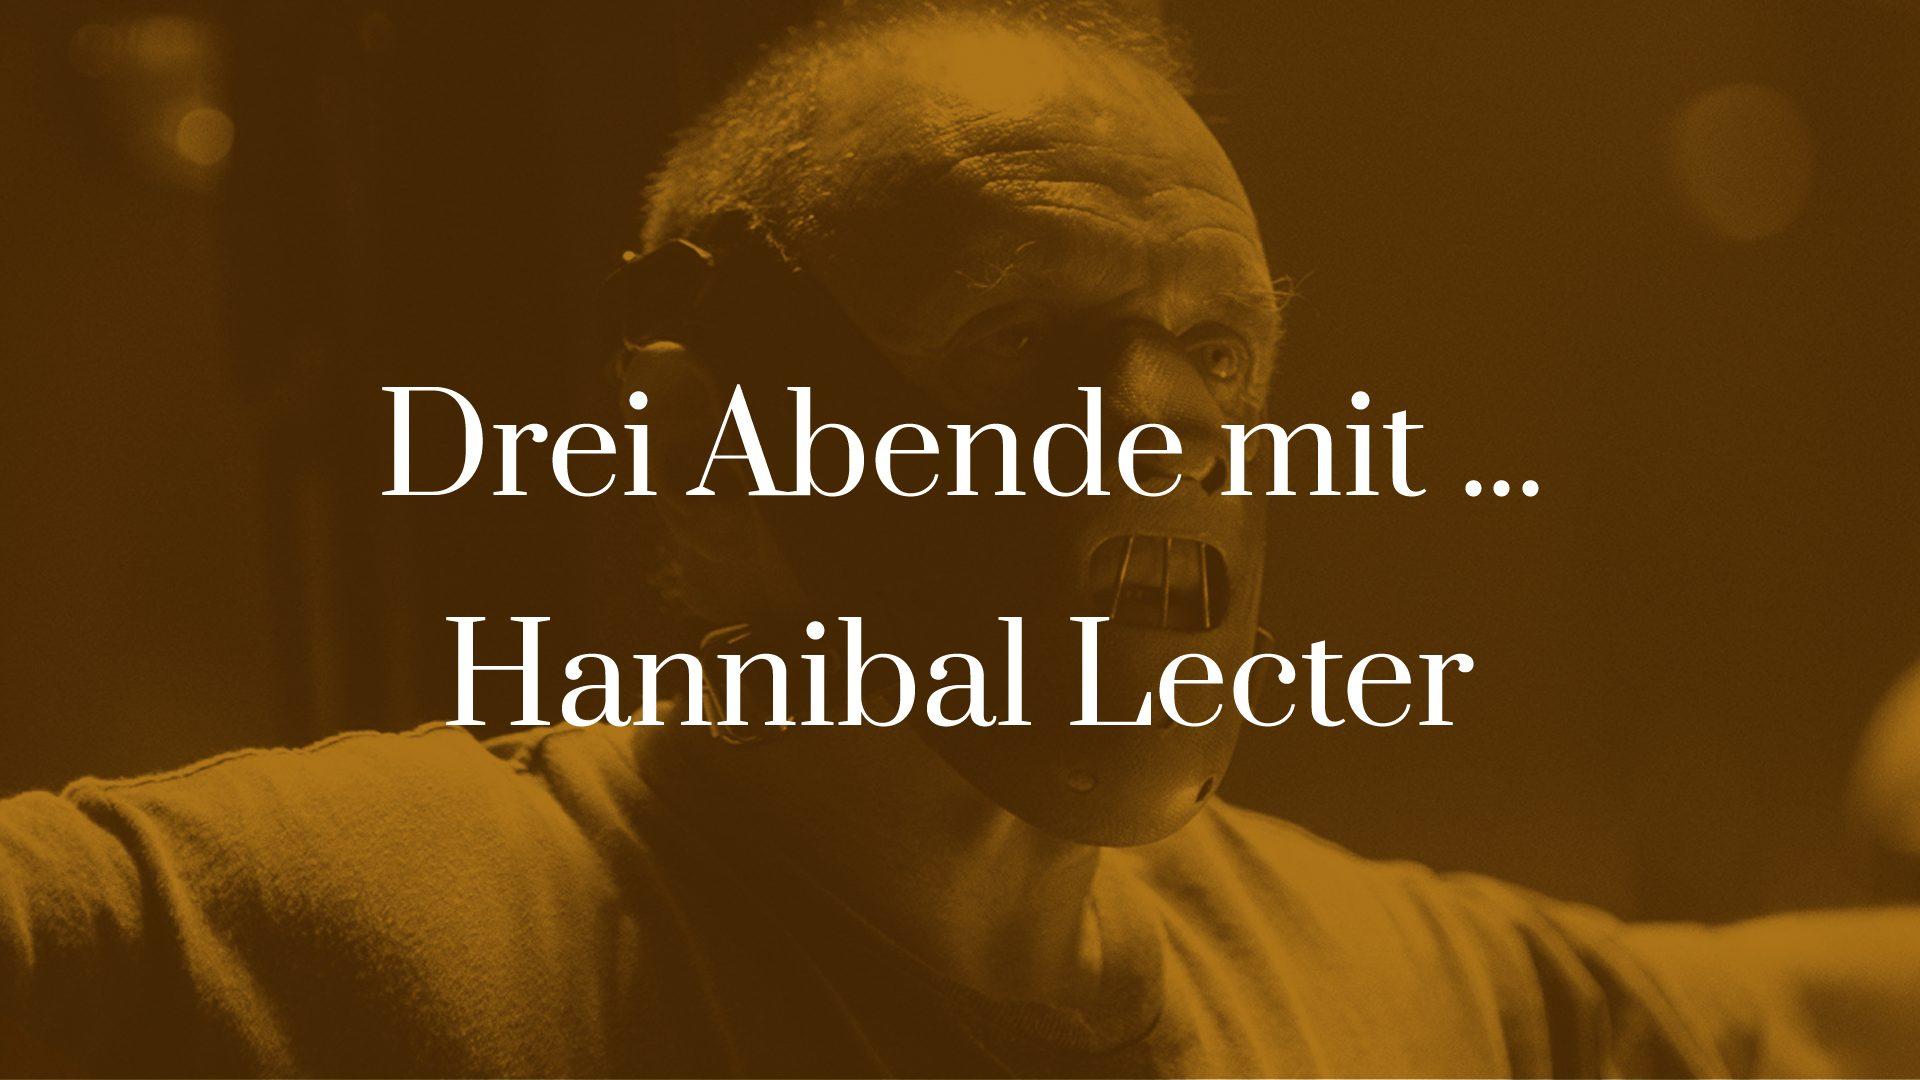 Symbolbild zu Drei Abende mit Hannibal Lecter